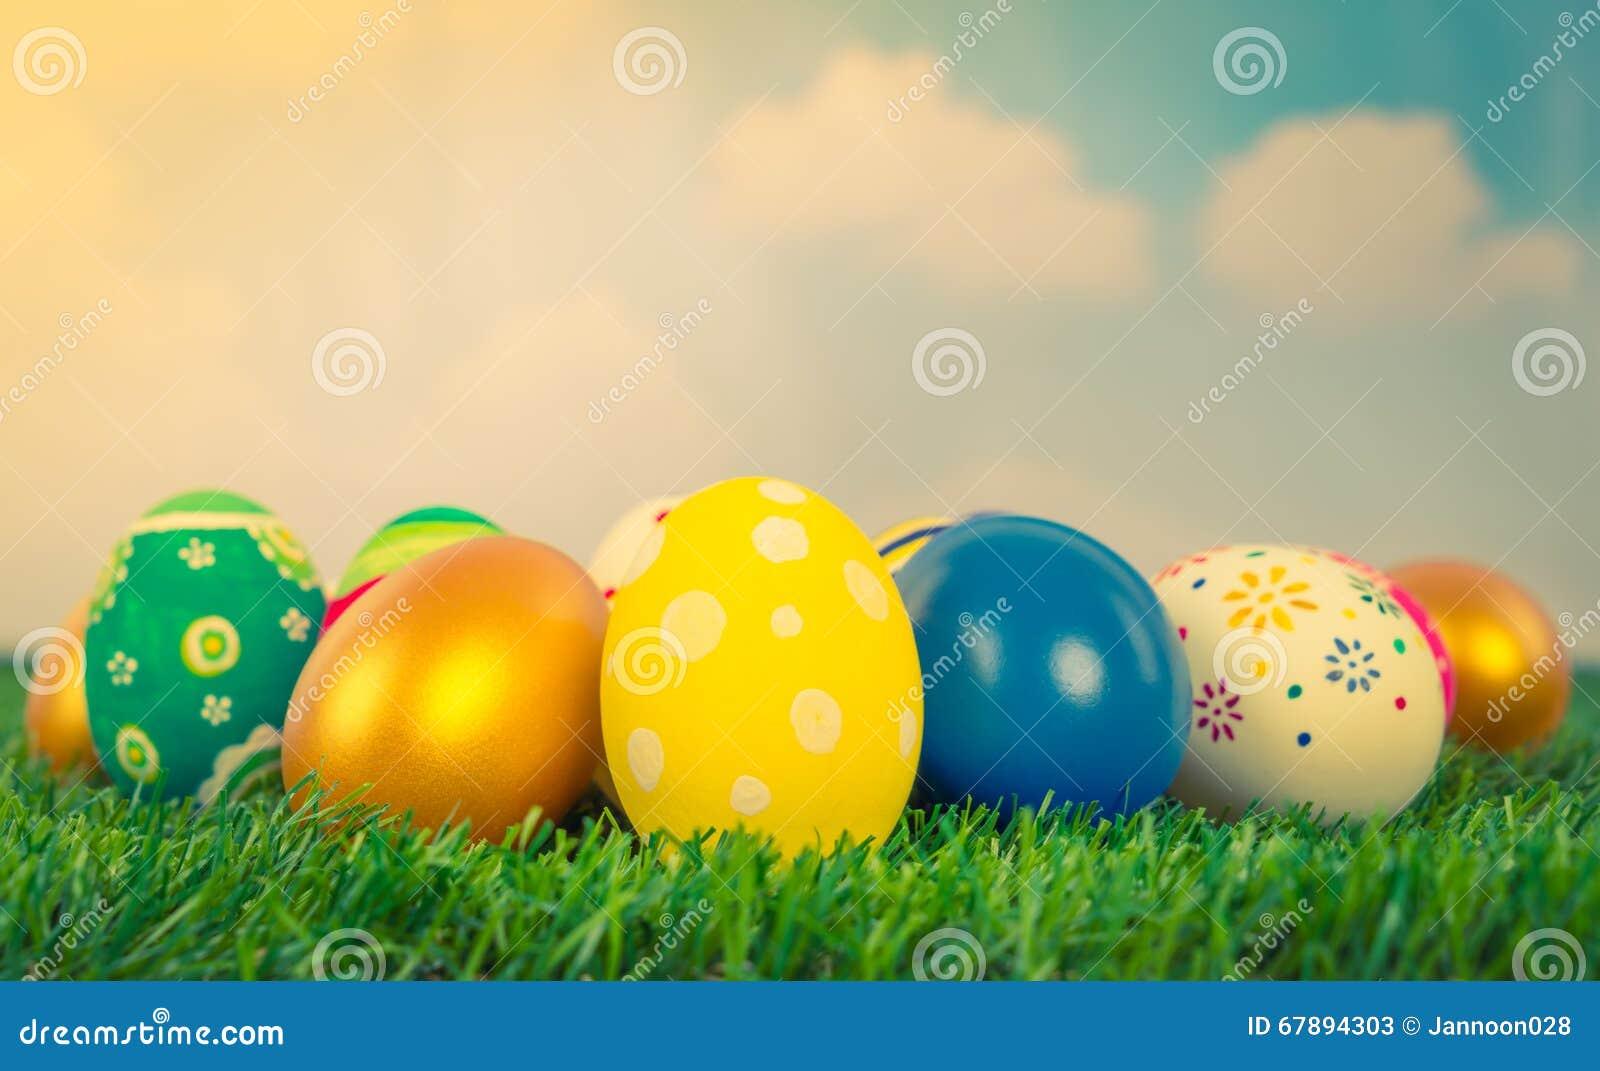 Ovos da páscoa na grama verde fresca sobre o céu azul (imagem filtrada